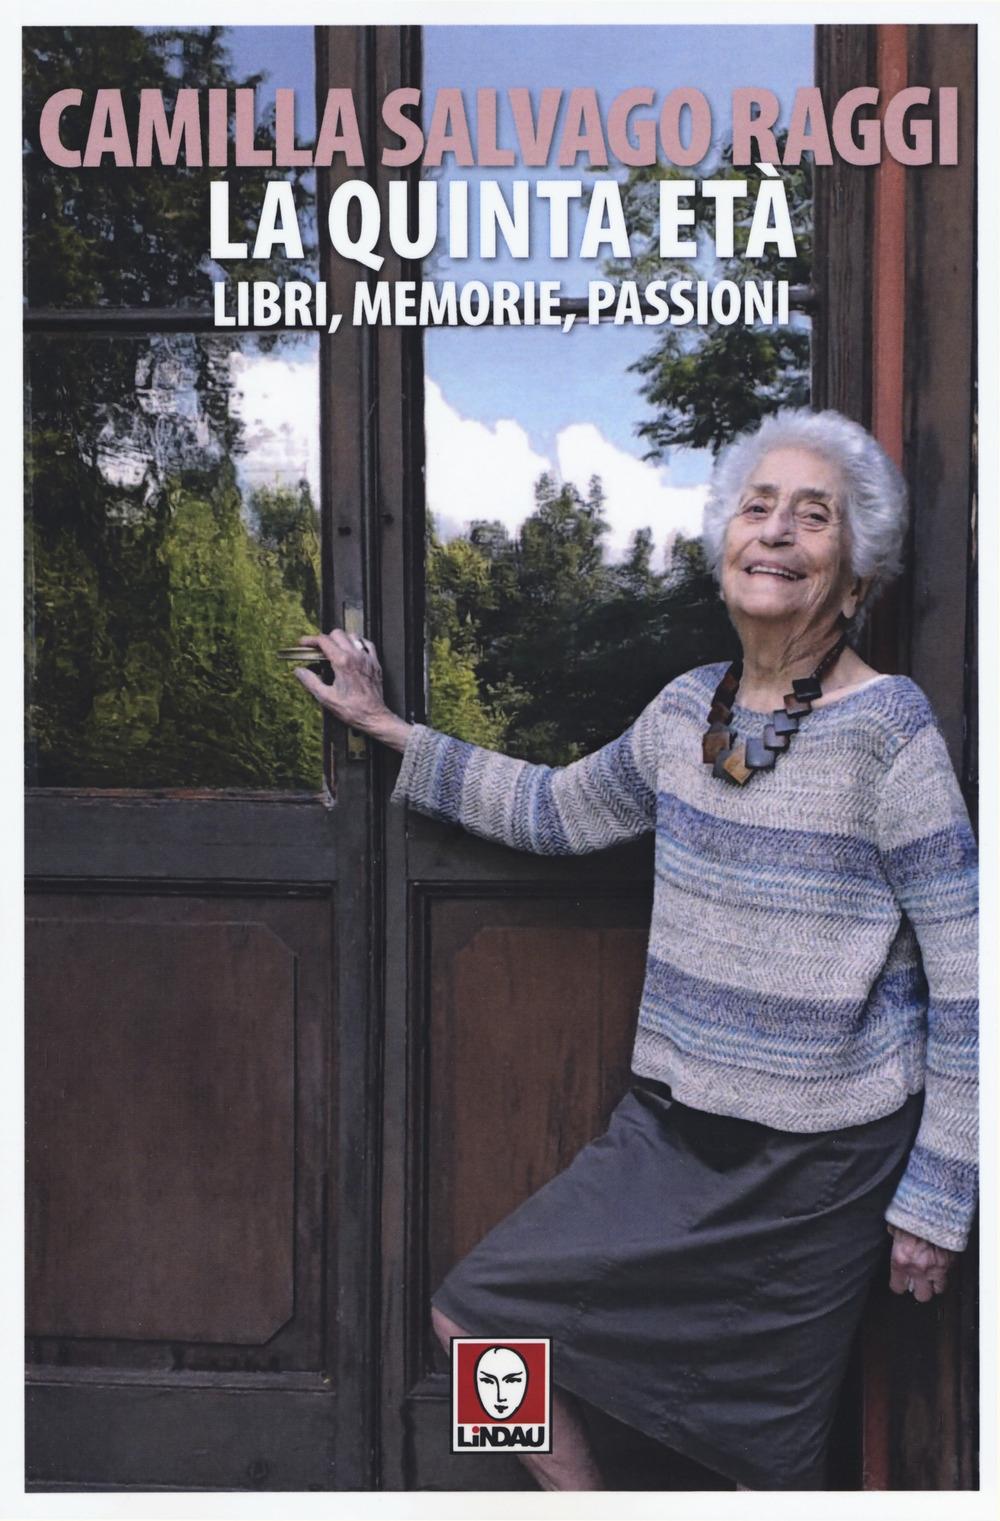 La quinta età. Libri, memorie, passioni. - Camilla Salvago Raggi